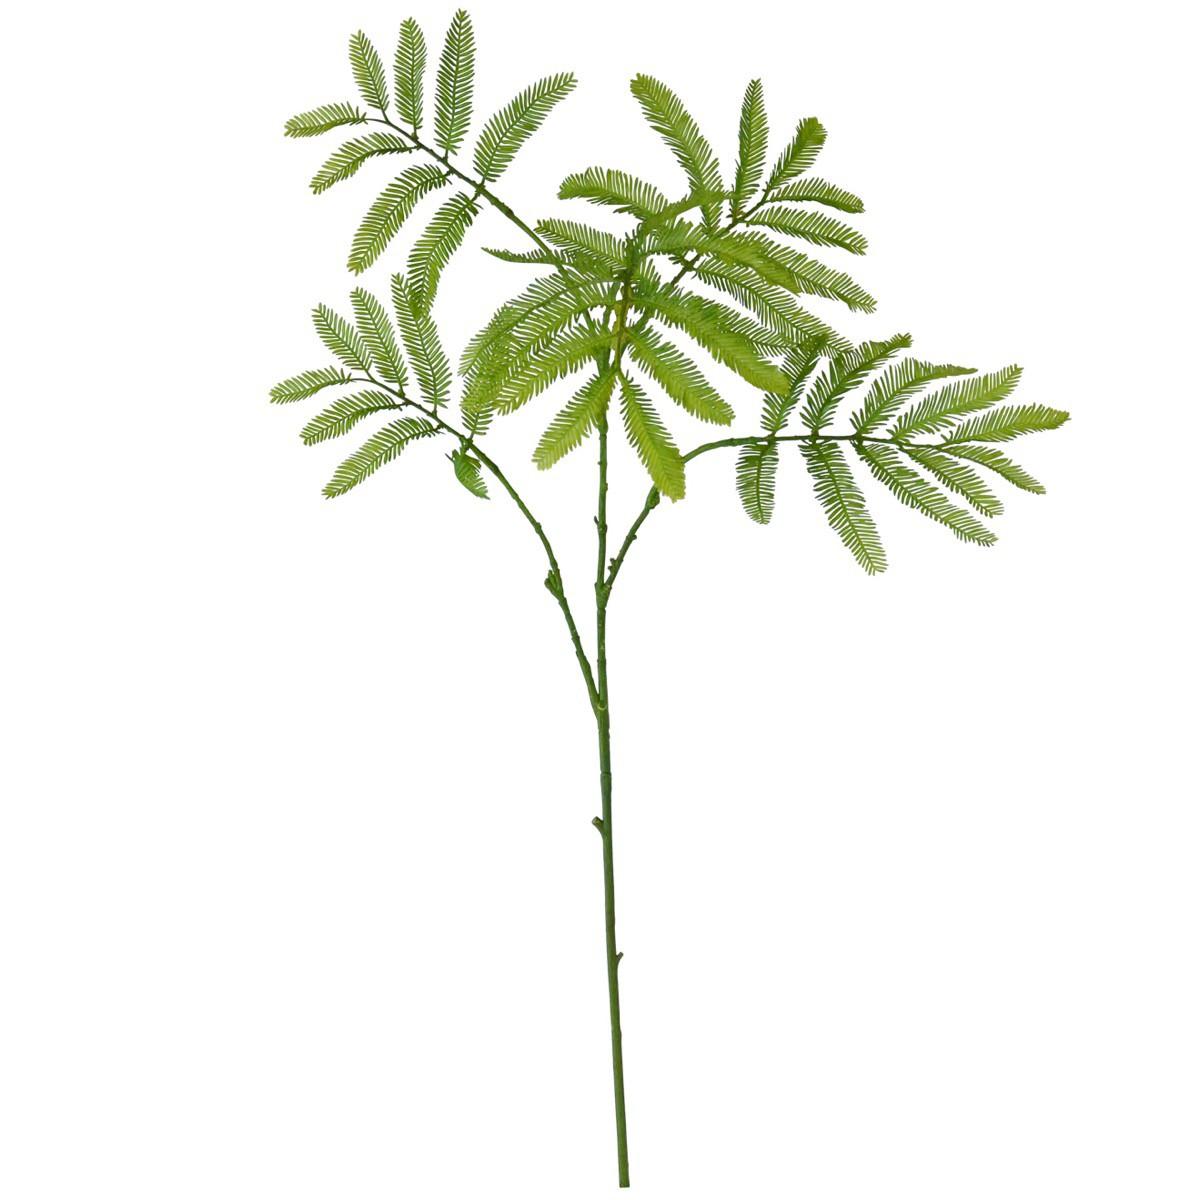 人工観葉植物 物品 フェイクグリーン 観葉植物 造花 光触媒 インテリア おしゃれ フェイク ウッドチェストスプレー 抗菌 FIAN グリーン 消臭 82cm オリジナル CT触媒